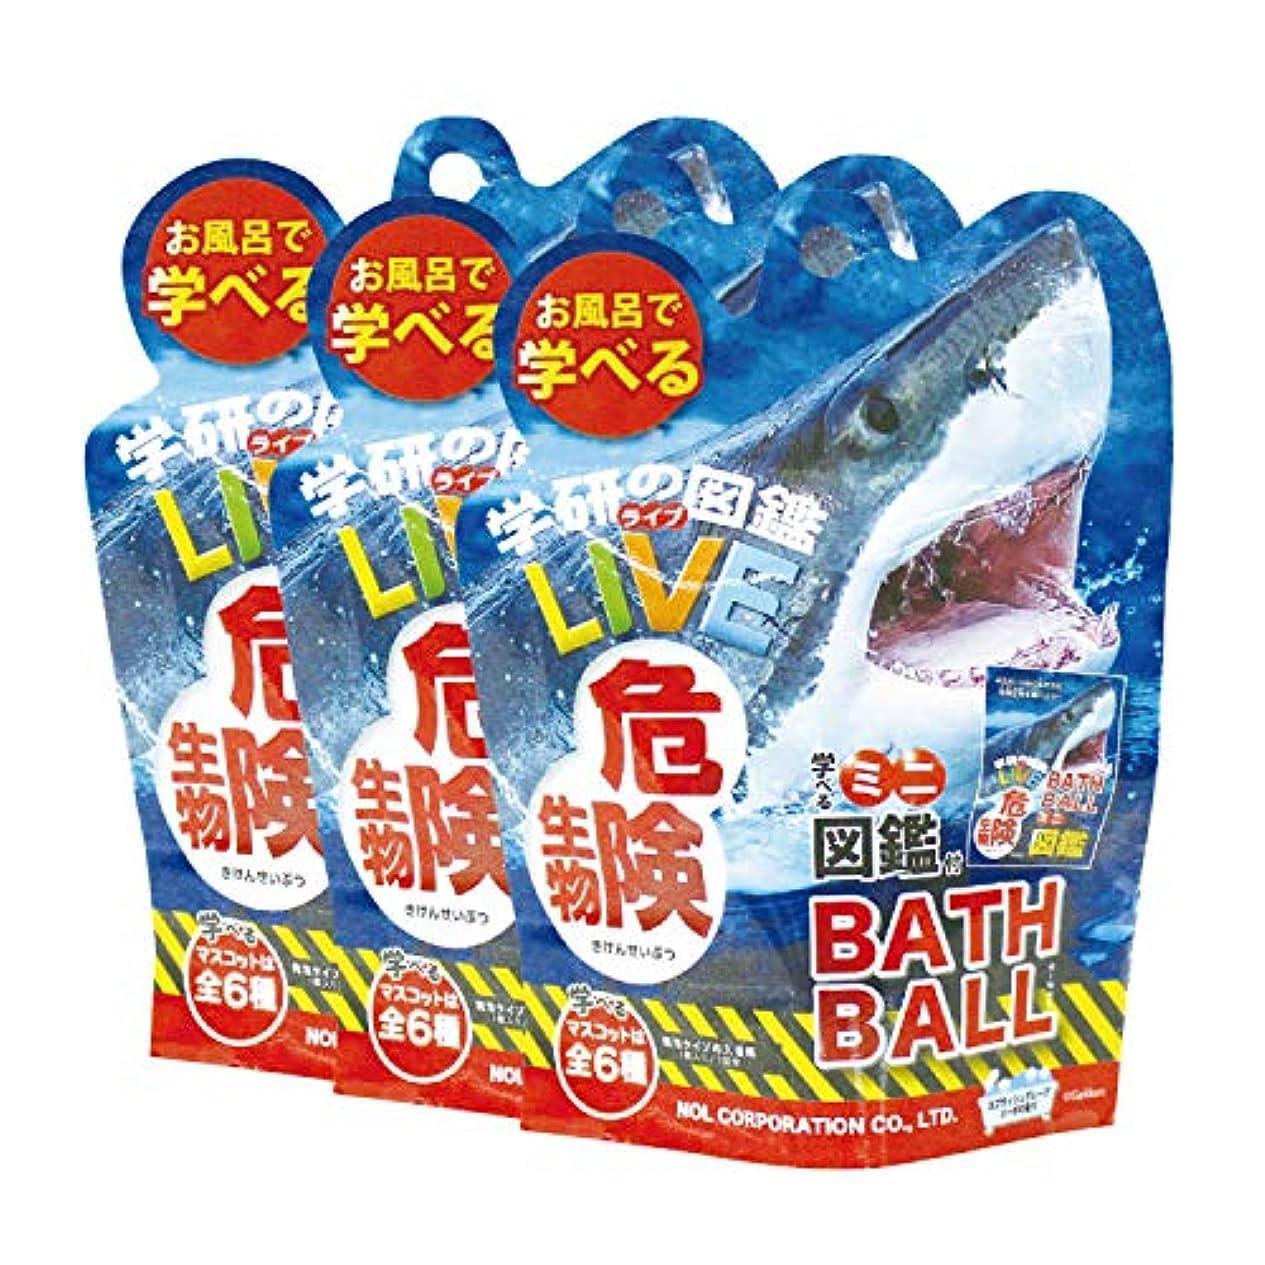 学研の図鑑LIVE 入浴剤 危険生物 バスボール 3個セット マスコット ミニ図鑑付き グレープソーダの香り 90g GKN-3-01